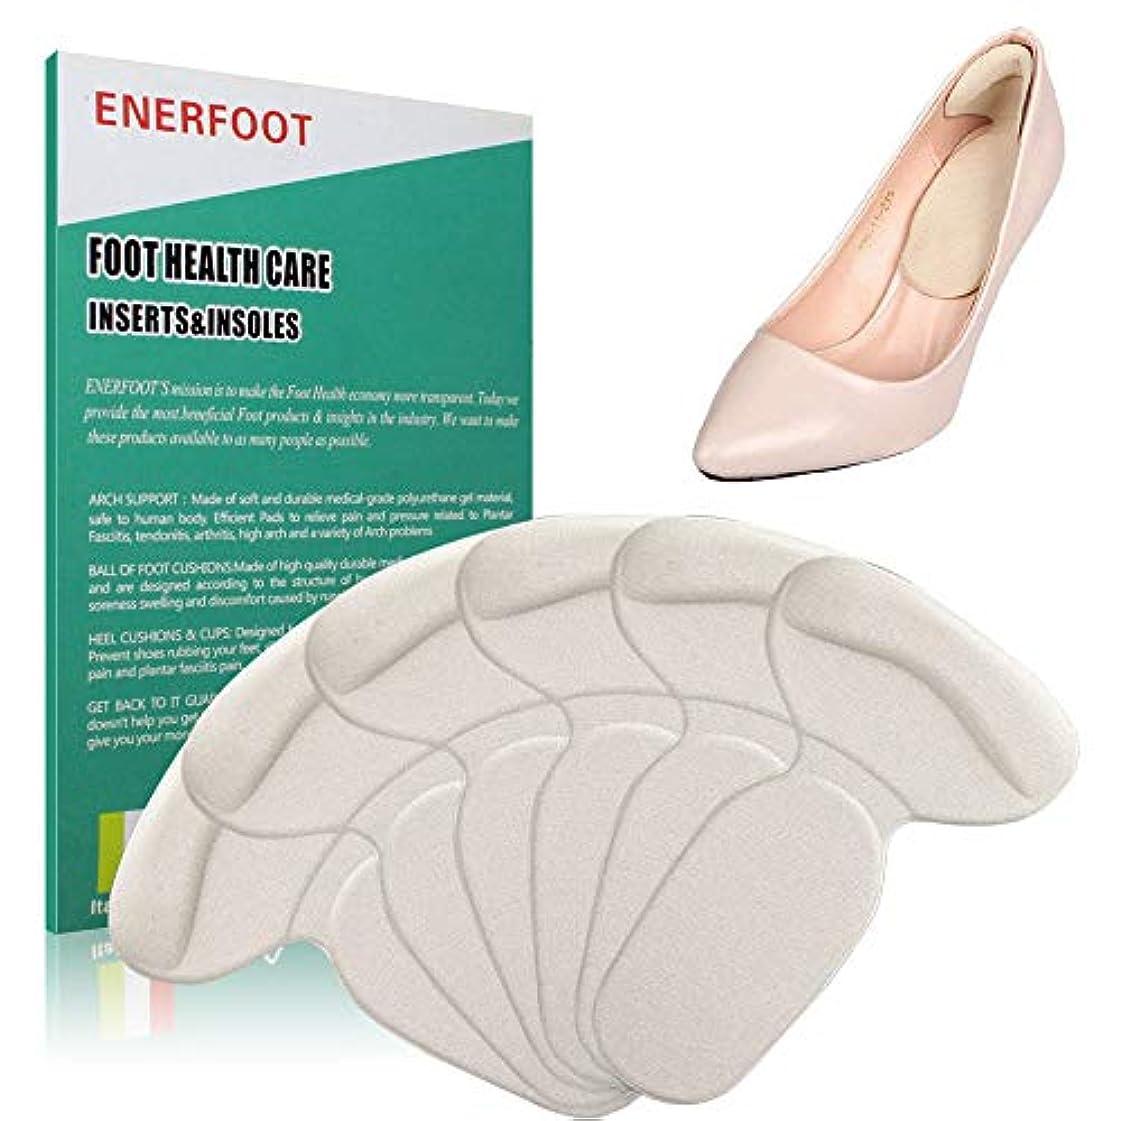 適合するスーダン擬人化ENERFOOTヒールクッションが大きすぎる靴用の靴パッドを挿入します、靴ヒールパッドヒールグリップライナーミックス快適な靴ヒール用プロテクター